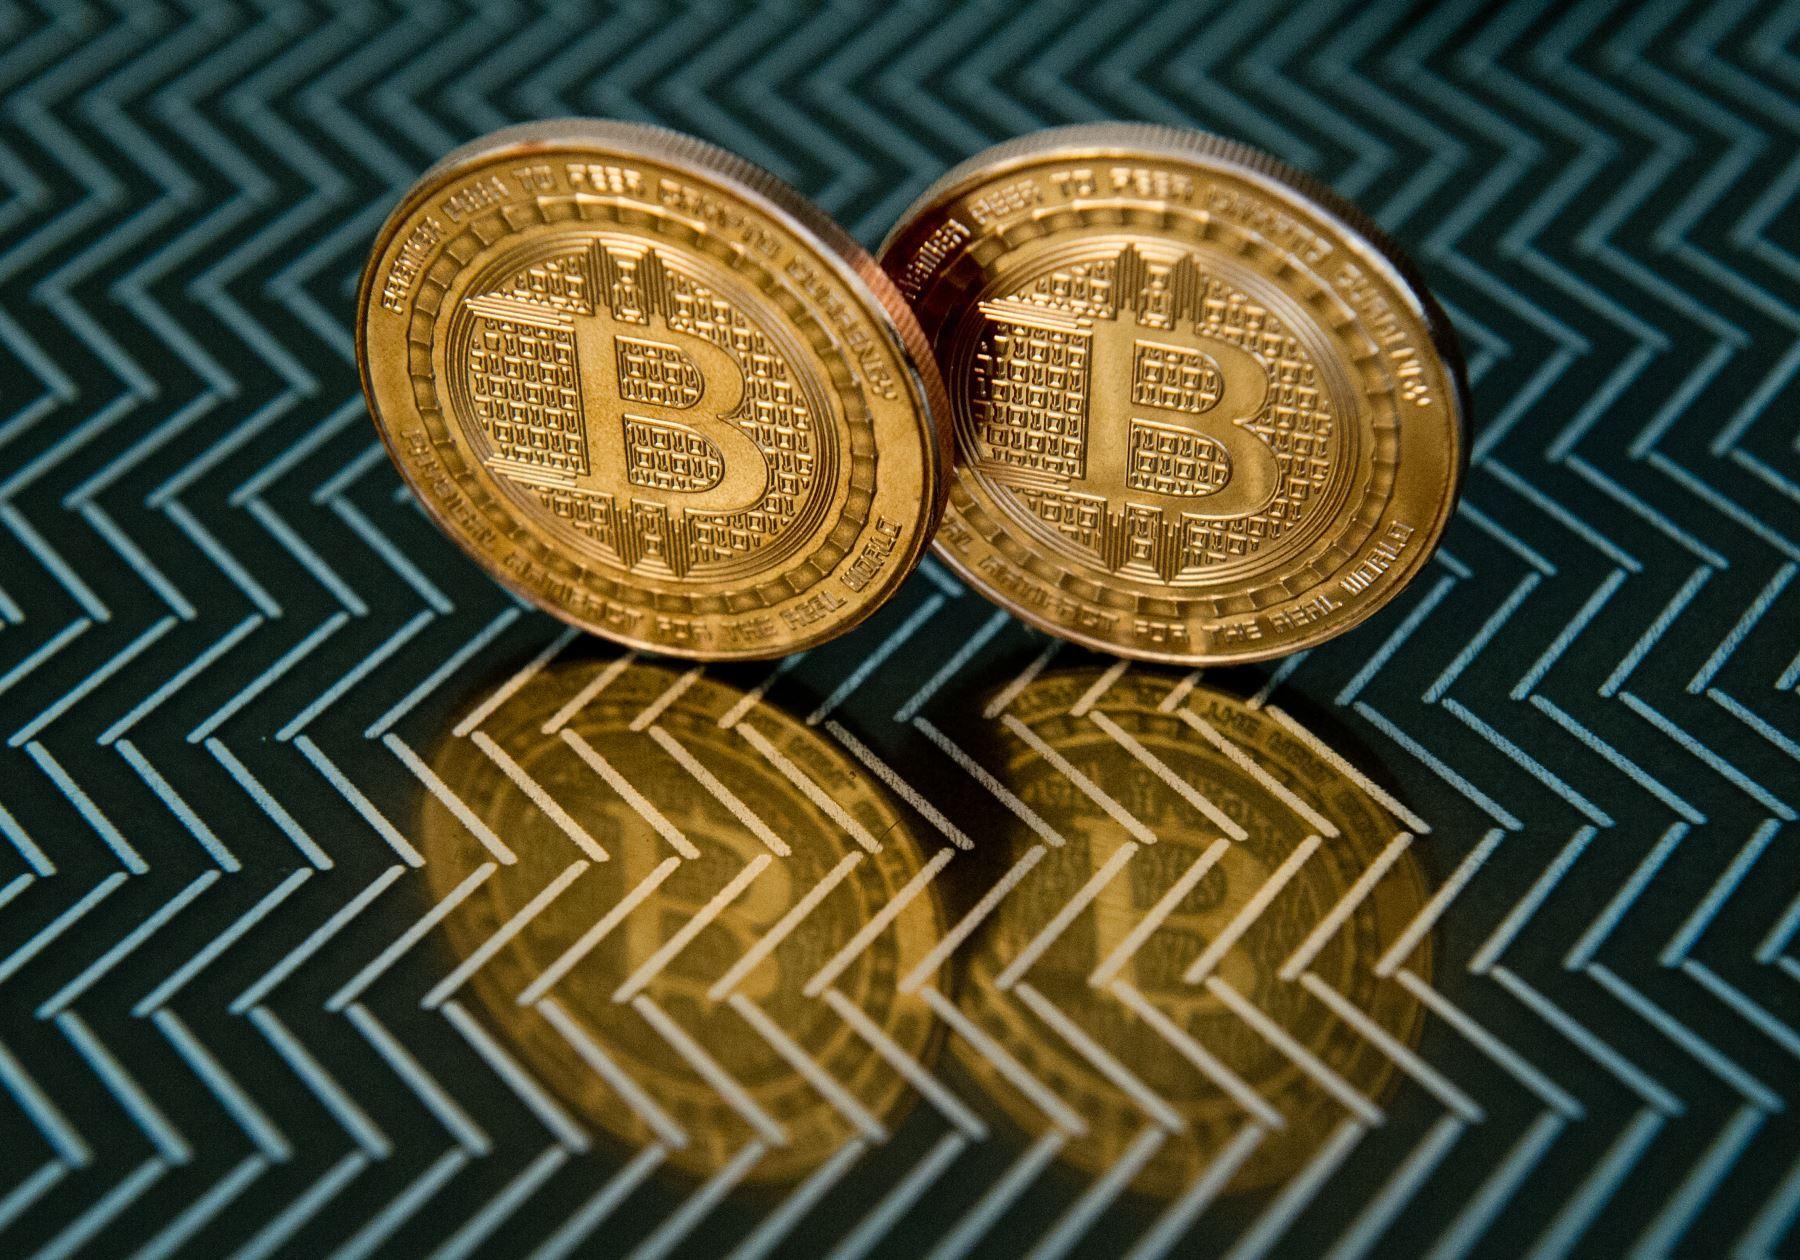 el-mercado-del-bitcoin-supera-el-billon-de-dolares-con-cifras-historicas